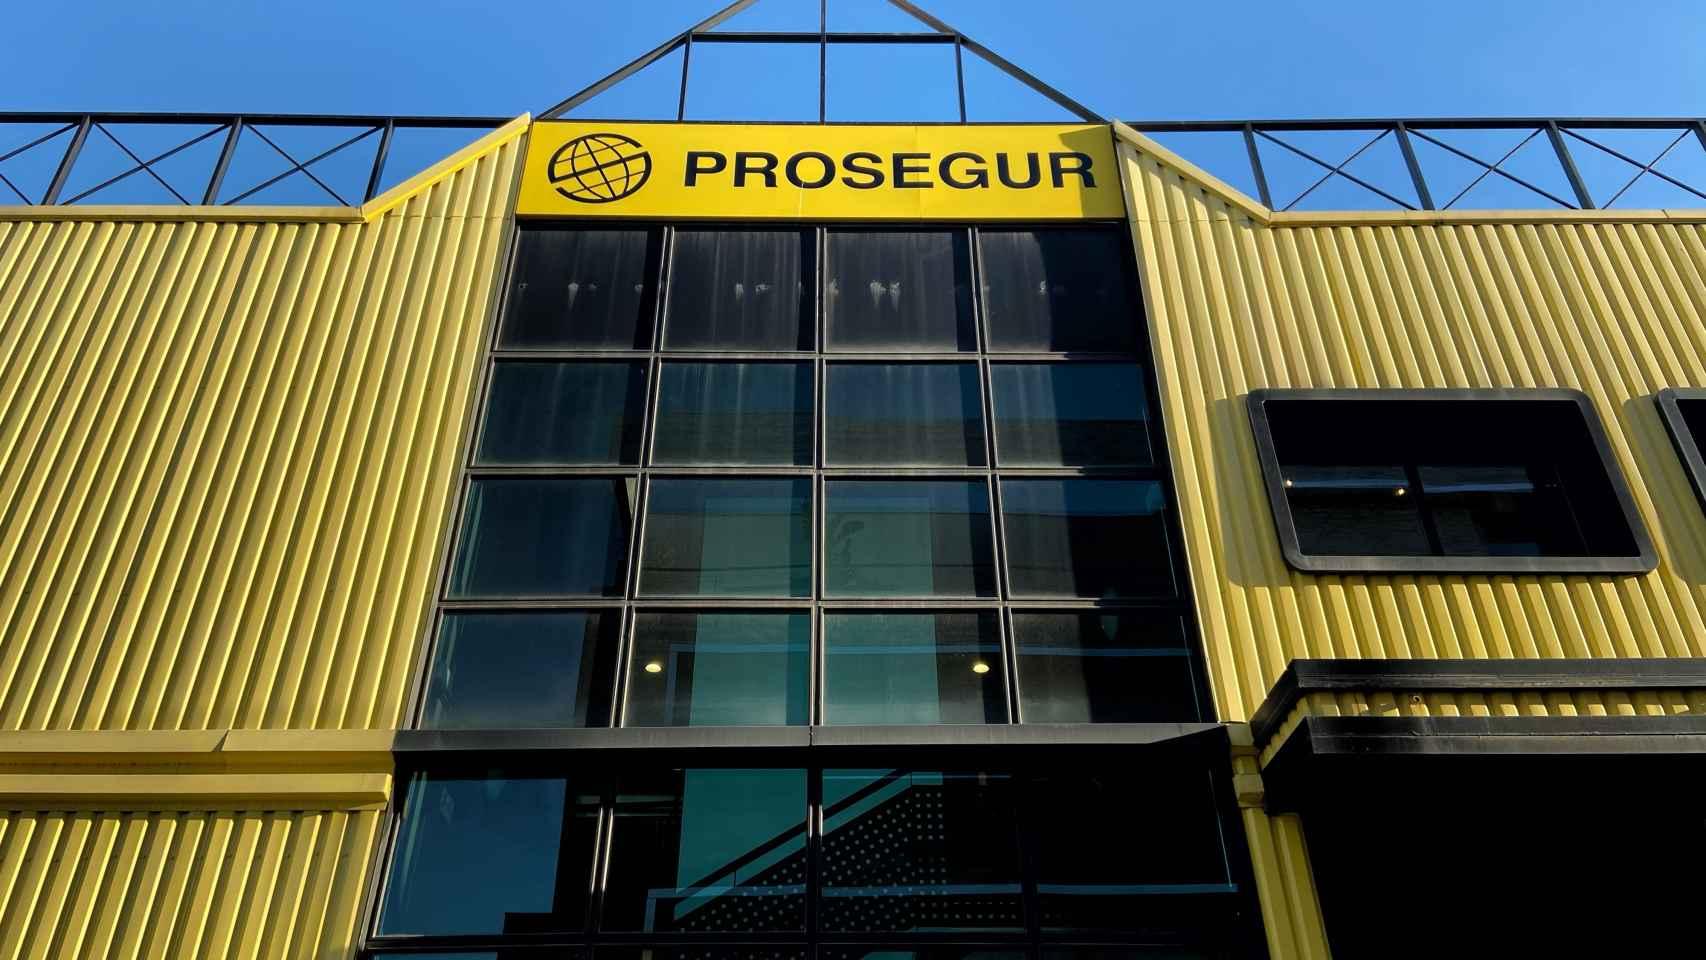 La presidenta de Prosegur eleva su inversión hasta un histórico 59% del capital